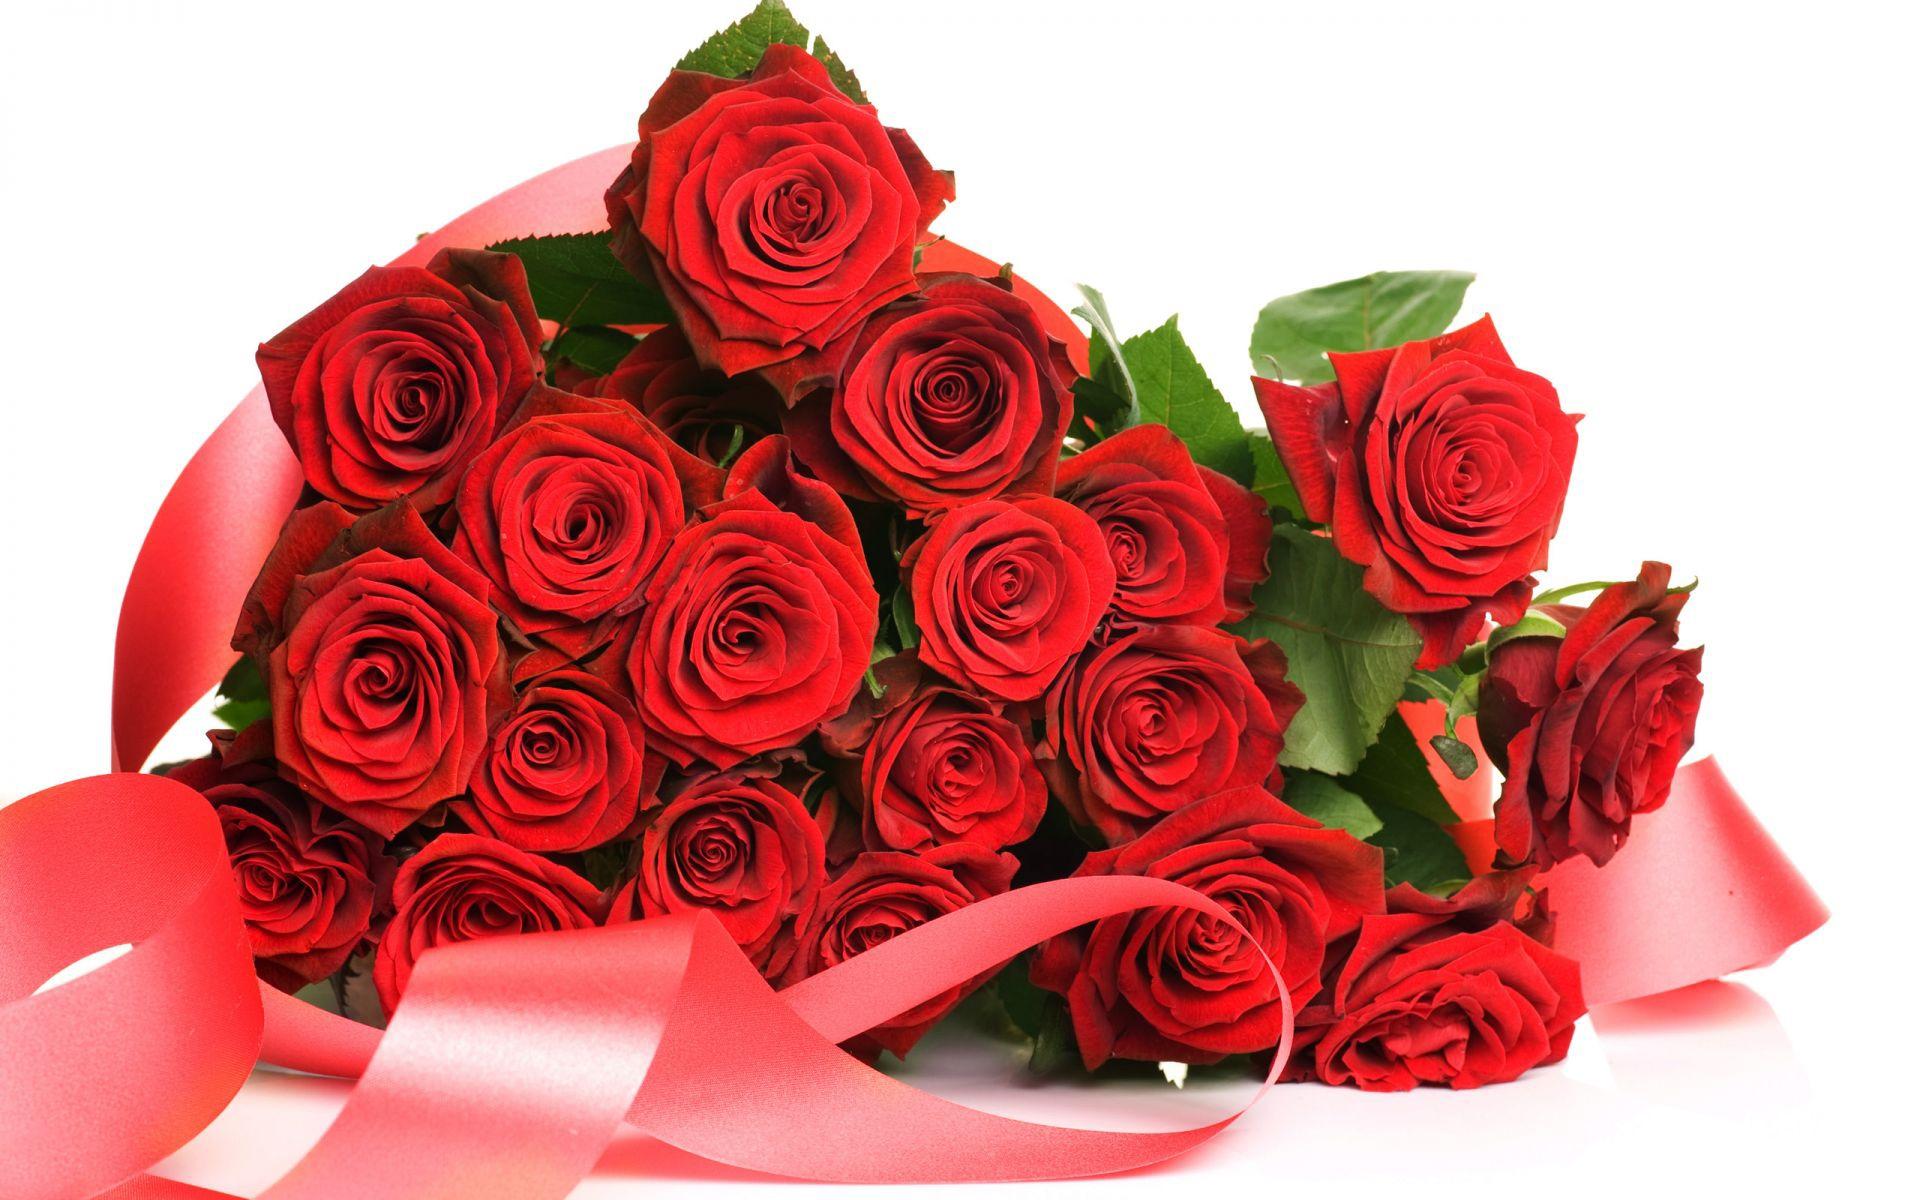 Букеты роз для поздравления картинки 407